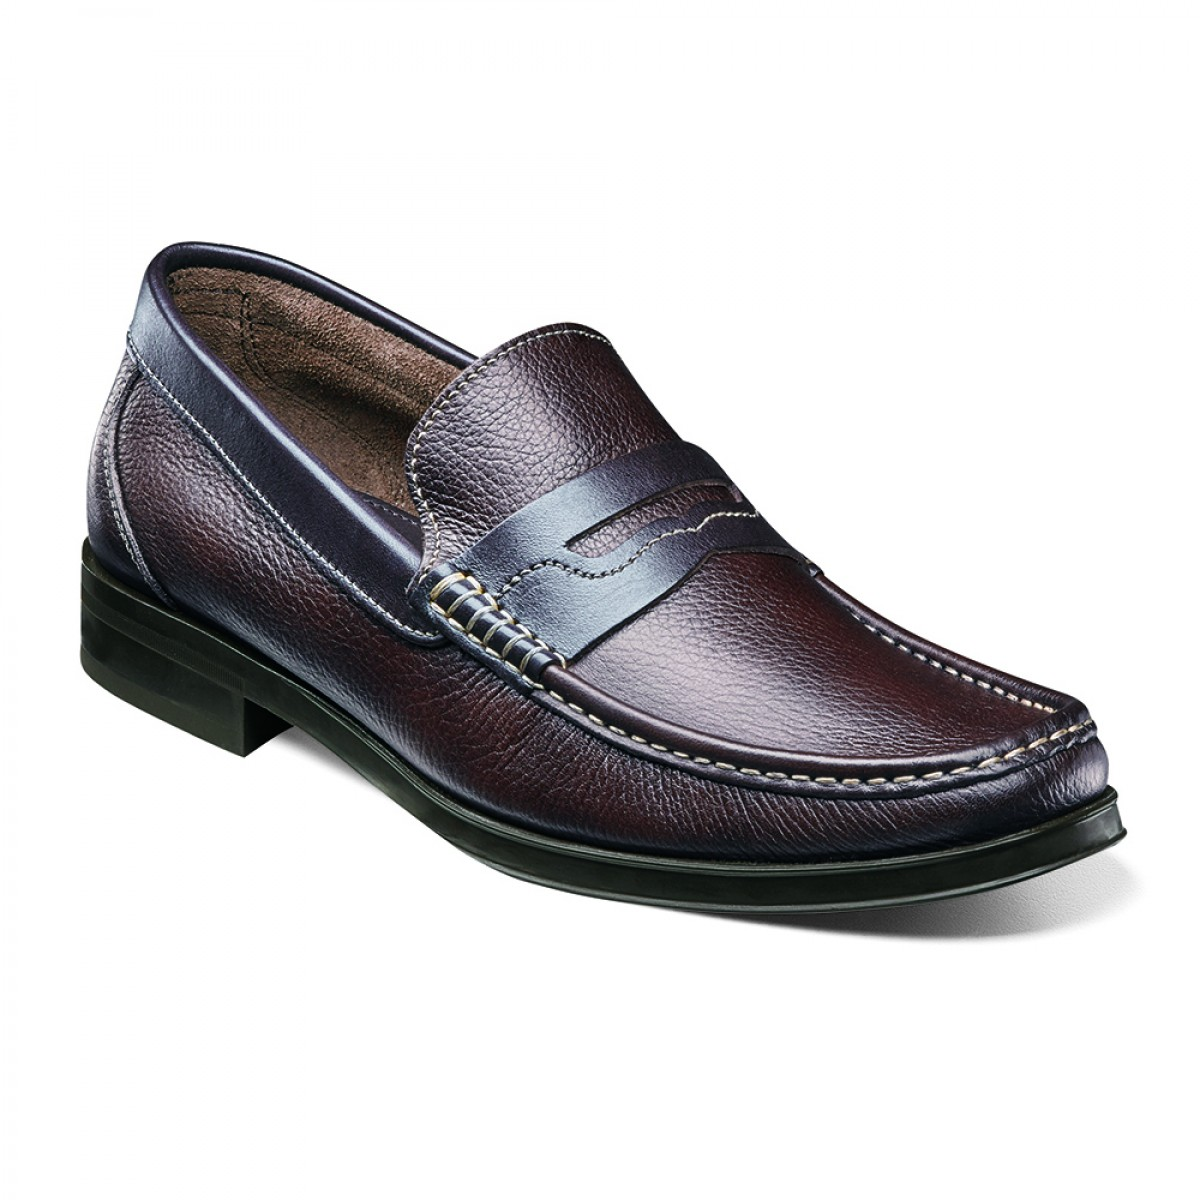 West Village Mens Shoes